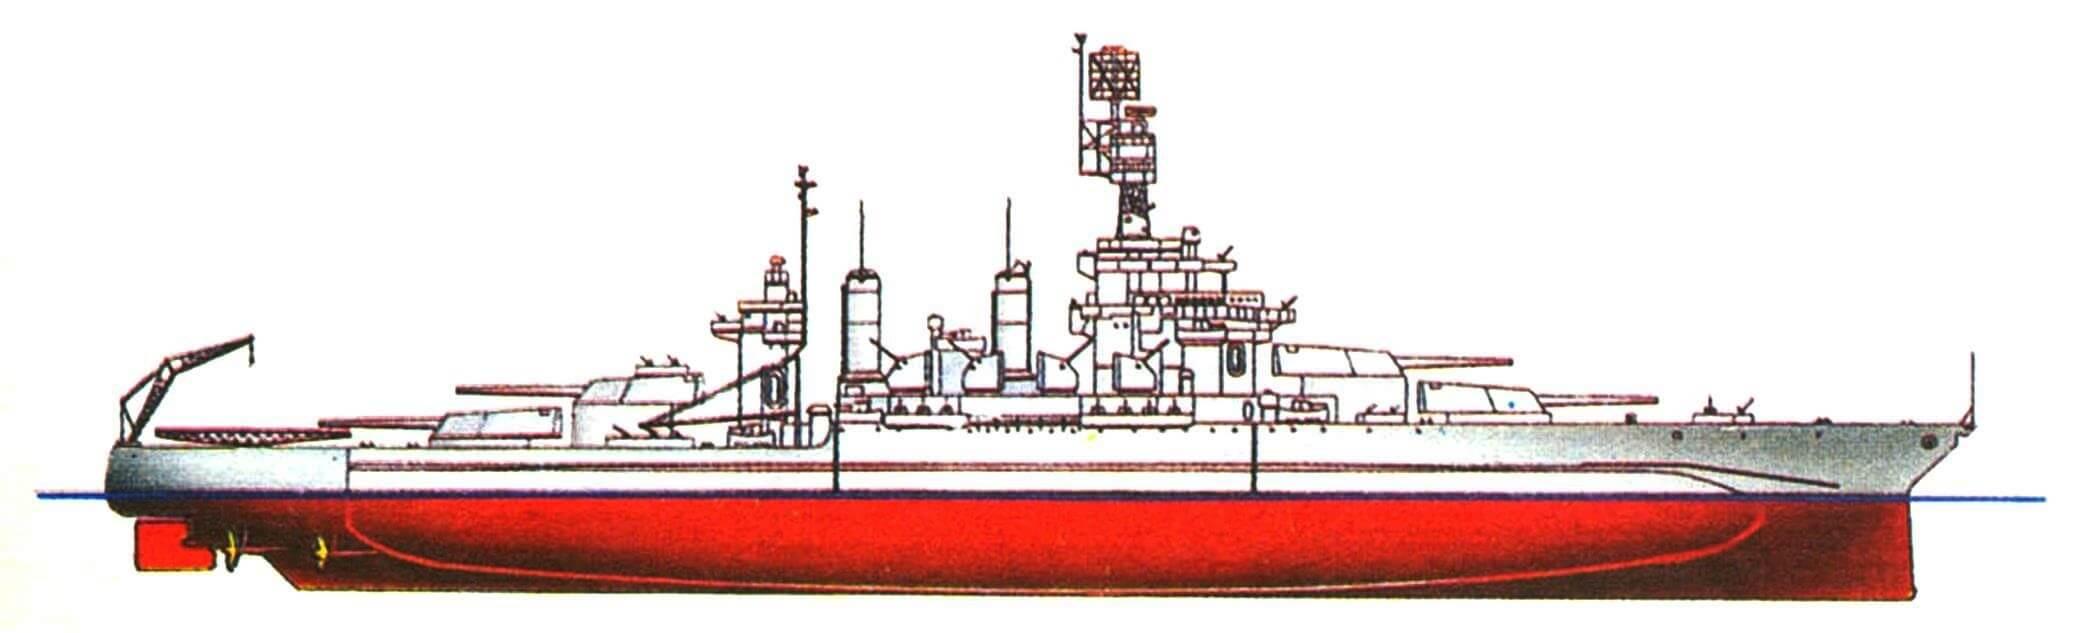 213. Линейный корабль «МЭРИЛЕНД», США, 1921/1945 г. Водоизмещение стандартное 34700 т, полное 41000 т, длина максимальная 182,9 м, ширина 33 м, осадка 9,2 м. Мощность четырехвальной турбоэлектрической установки 29500 л.с., скорость 22 уз. Броня: пояс до 343 мм, башни до 457 мм, палубы до 178 мм, рубка 406 мм. Вооружение: восемь 406-мм и шестнадцать 127-мм орудий, сорок 40-мм и тридцать семь 20-мм автоматов. Внешний вид корабля показан по состоянию на 1945 г.